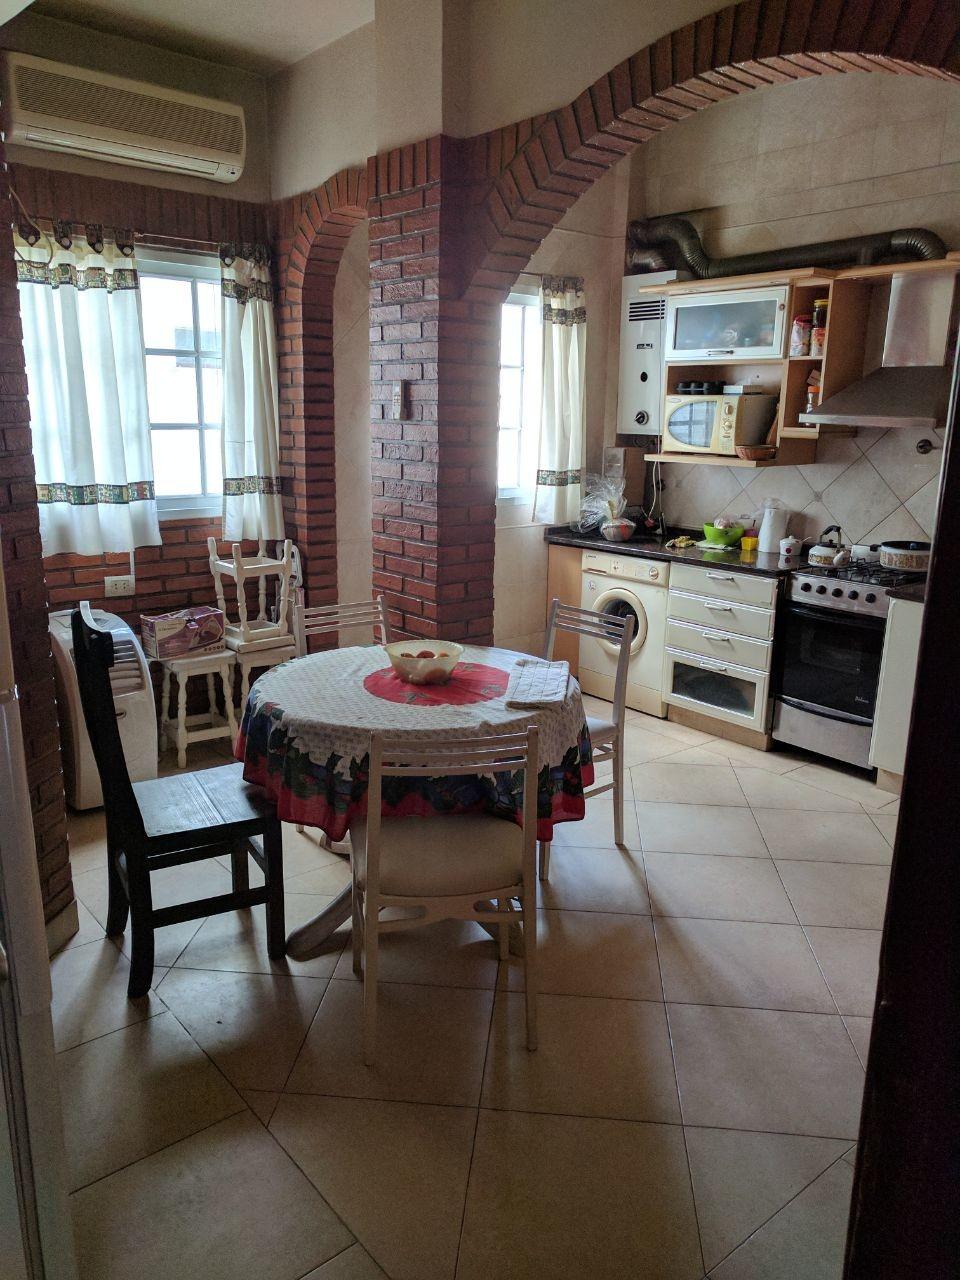 Cuarto, cocina y baño compartido, alquiler mensual ...